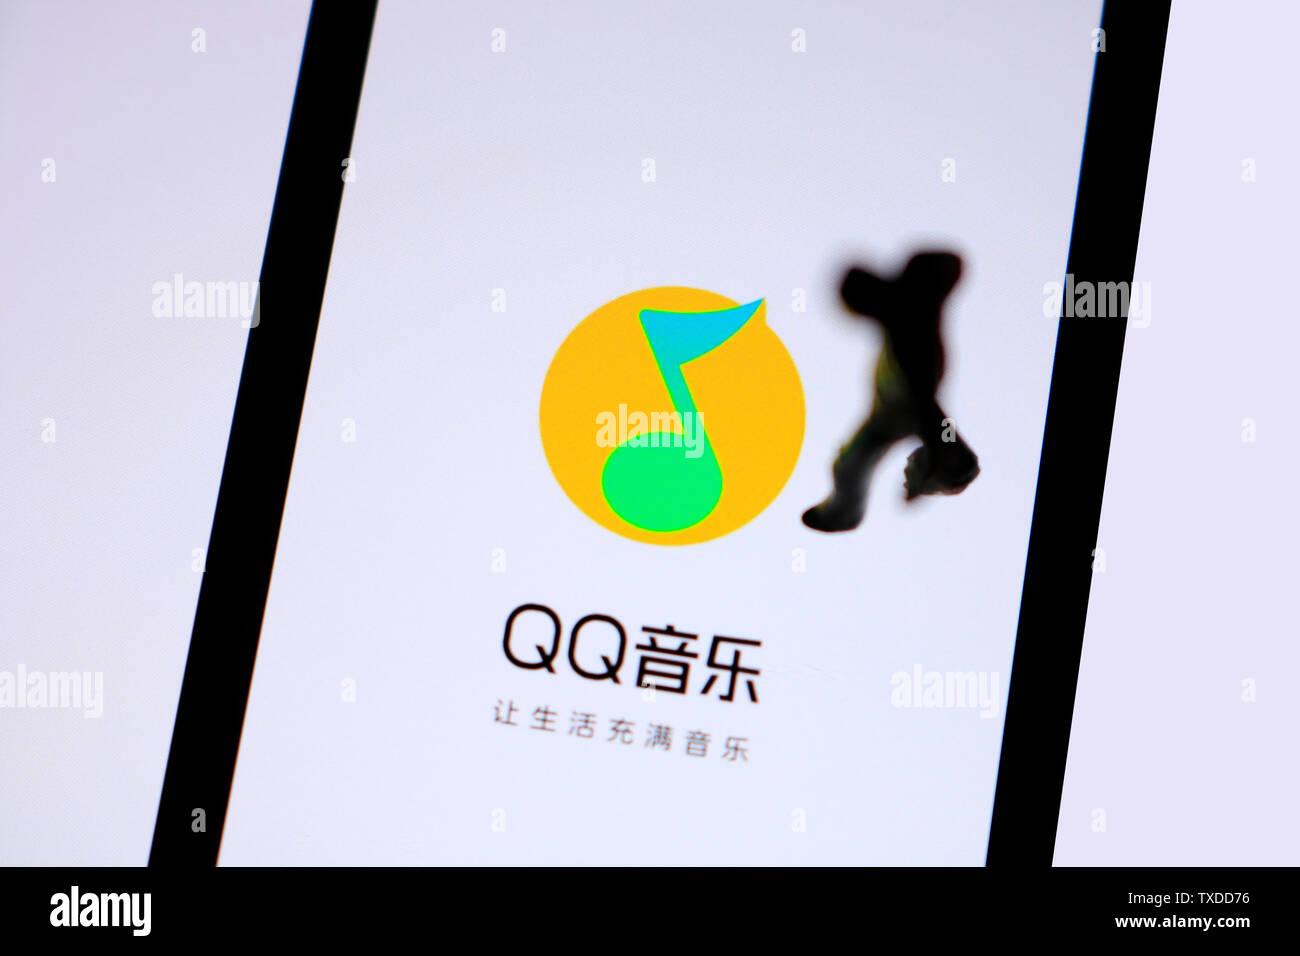 Qq Stock Photos & Qq Stock Images - Alamy